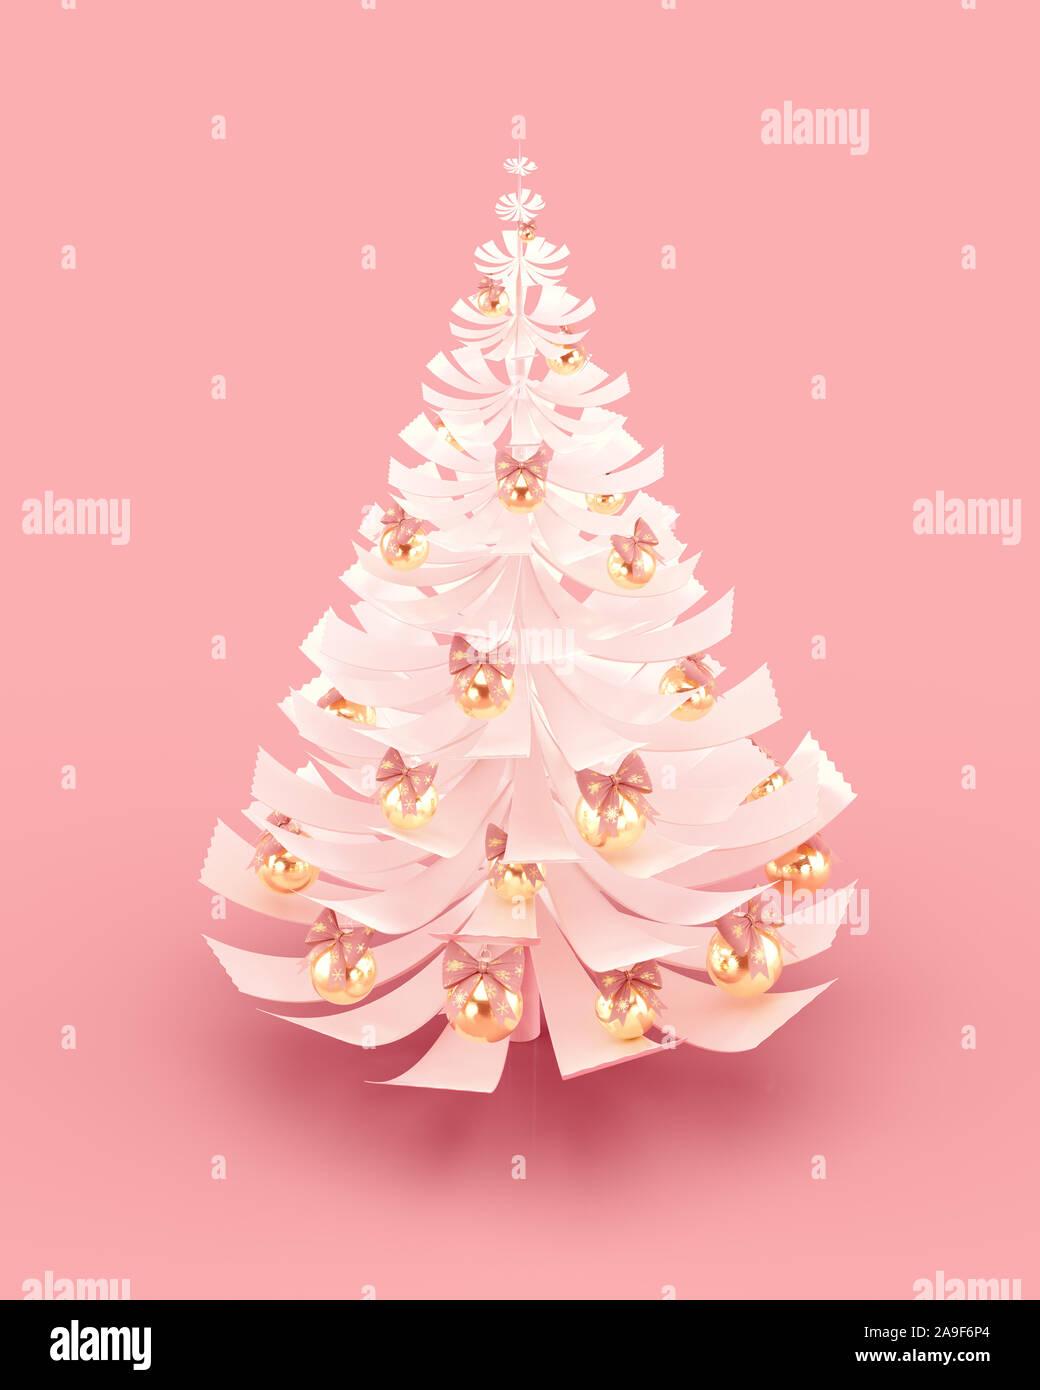 Decorado en blanco para el árbol de Navidad Feliz Navidad y Próspero Año Nuevo diseño de tarjetas de felicitación. 3D rendering. Foto de stock